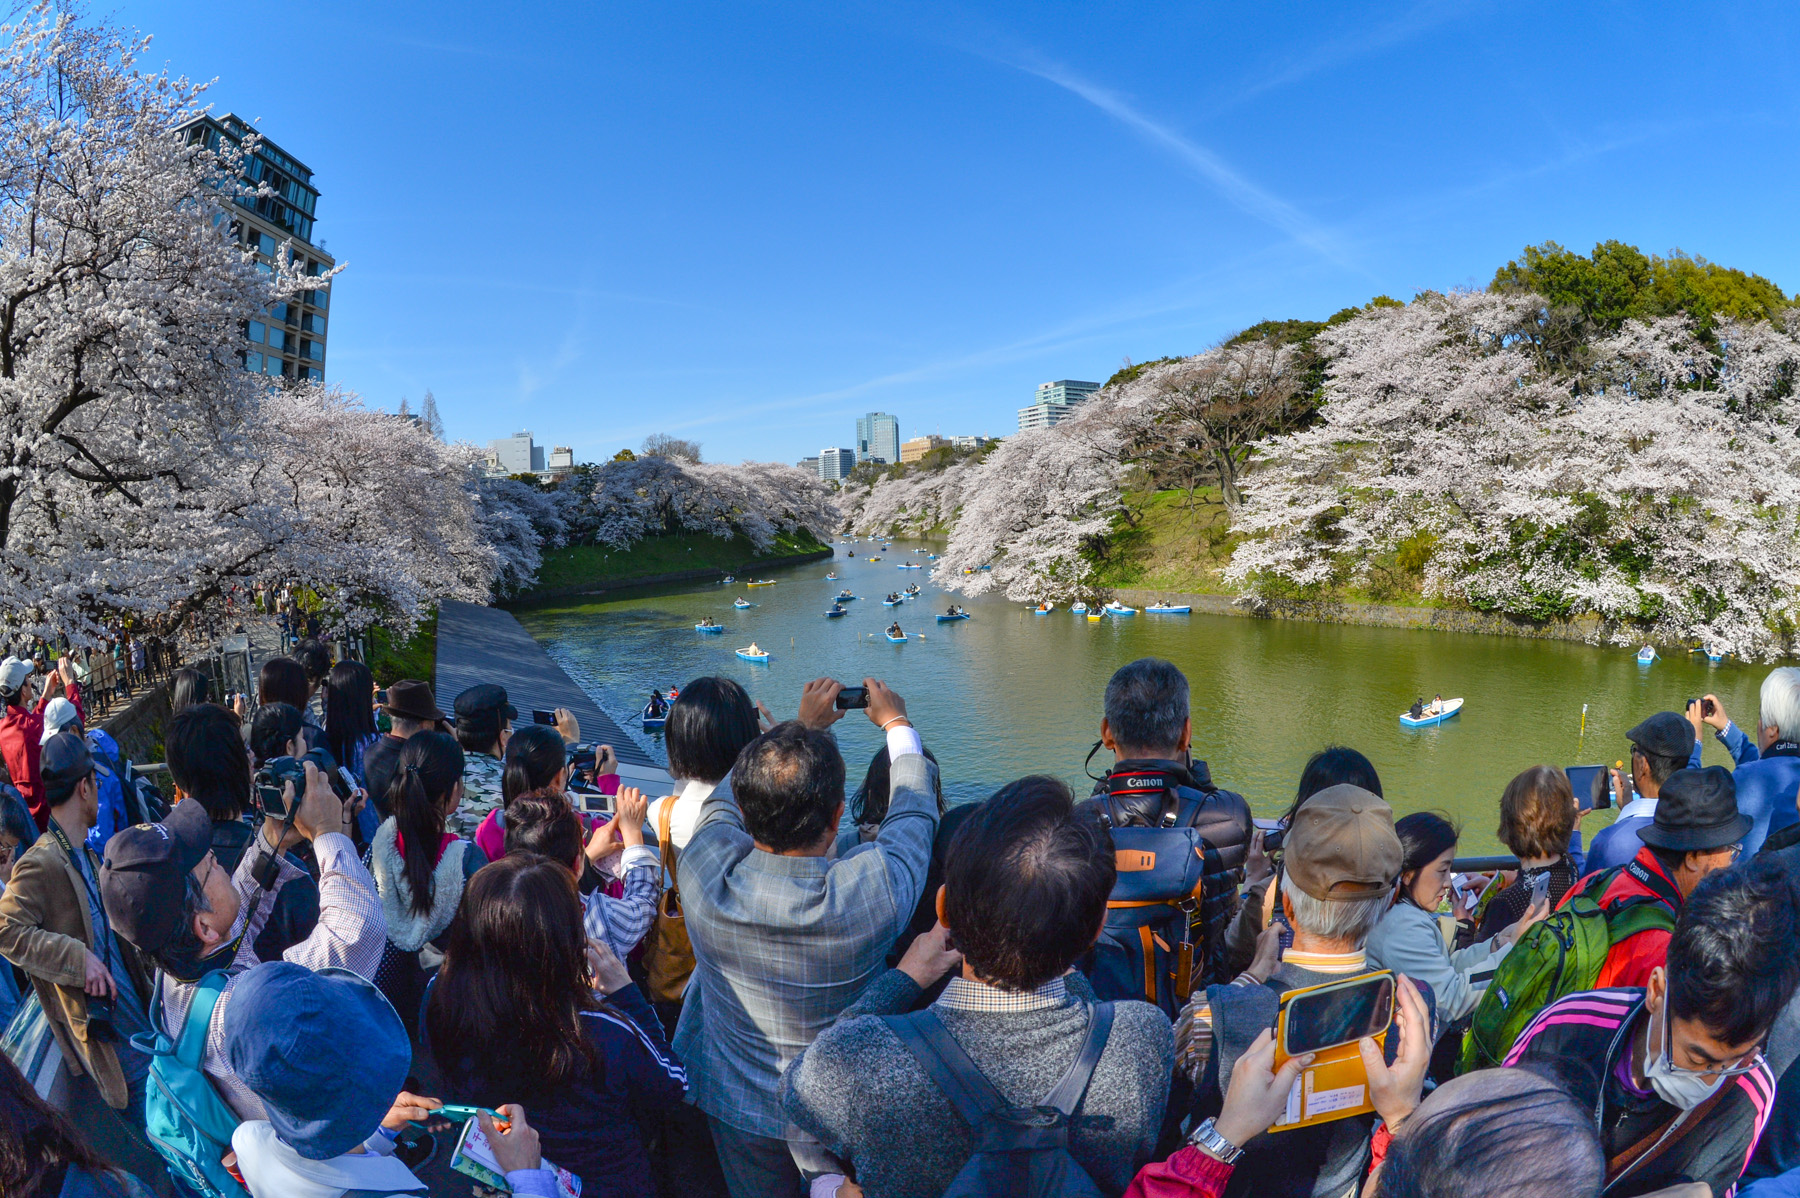 「千鳥ヶ淵の桜 混雑 フリー写真」の画像検索結果